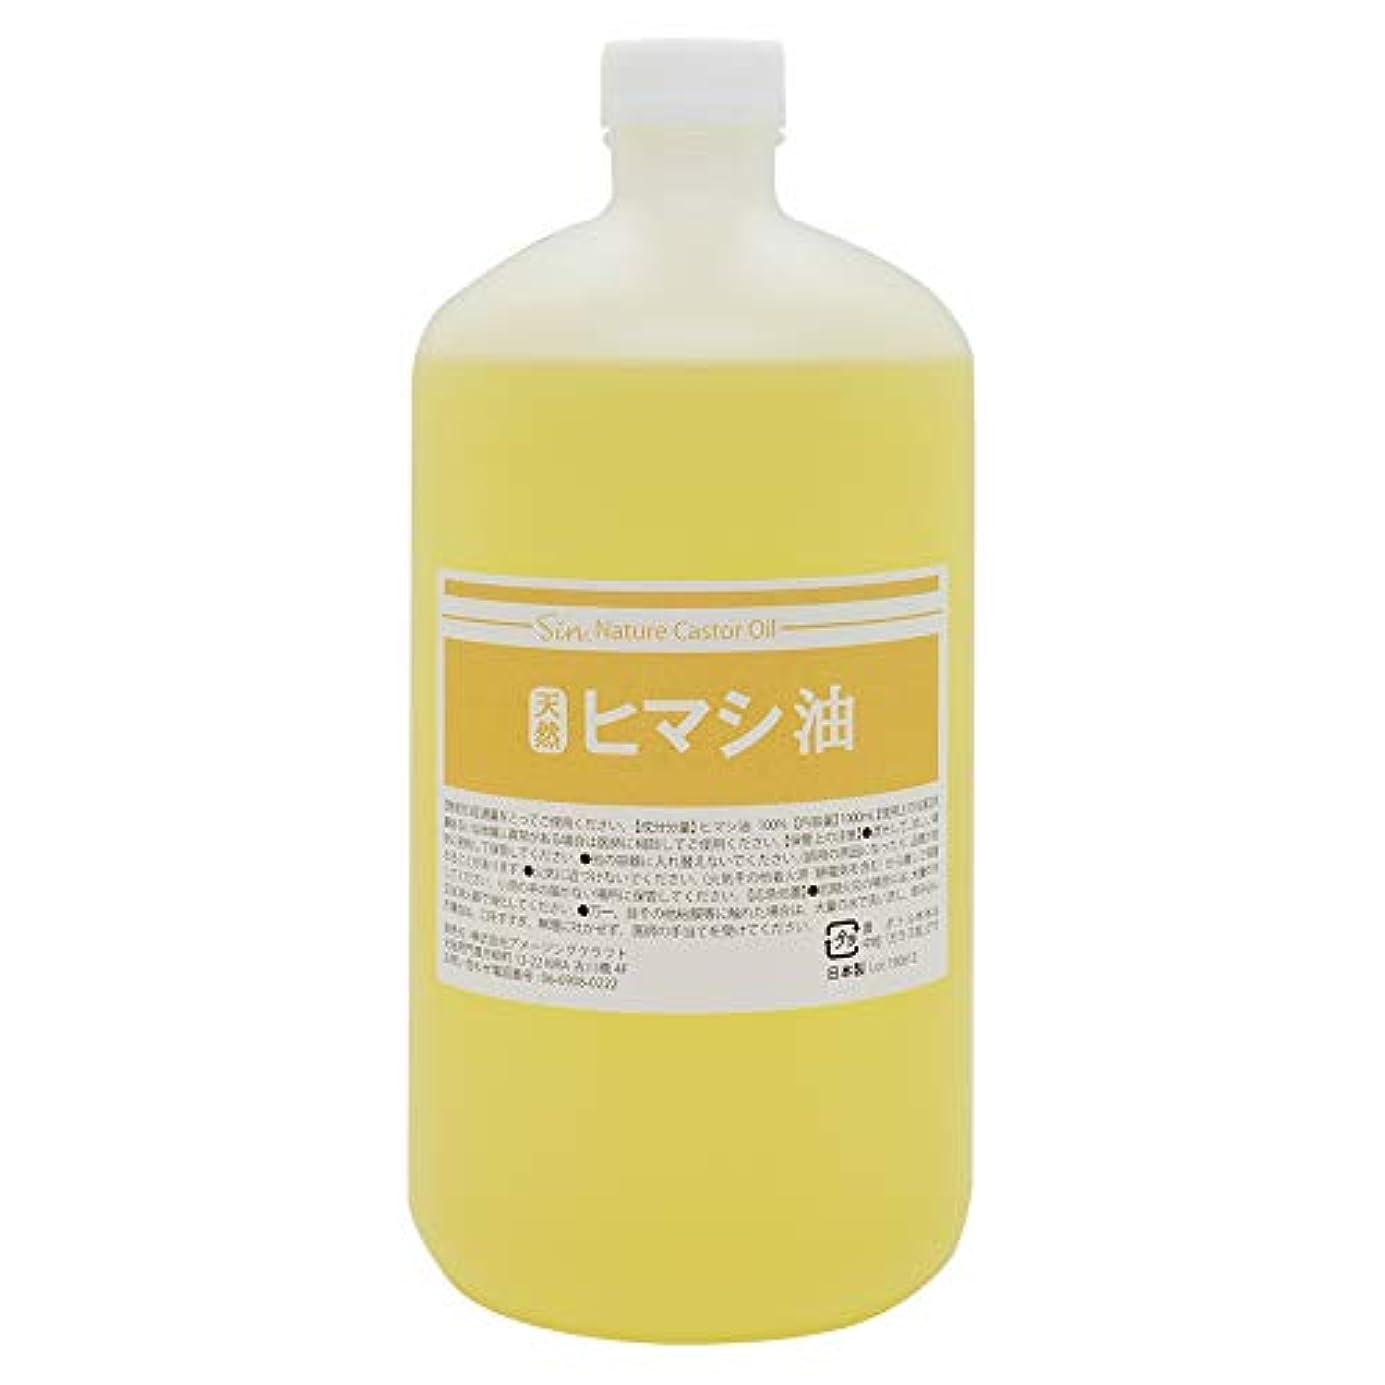 連合衝動寝具天然無添加 国内精製 ひまし油 1000ml (ヒマシ油 キャスターオイル)